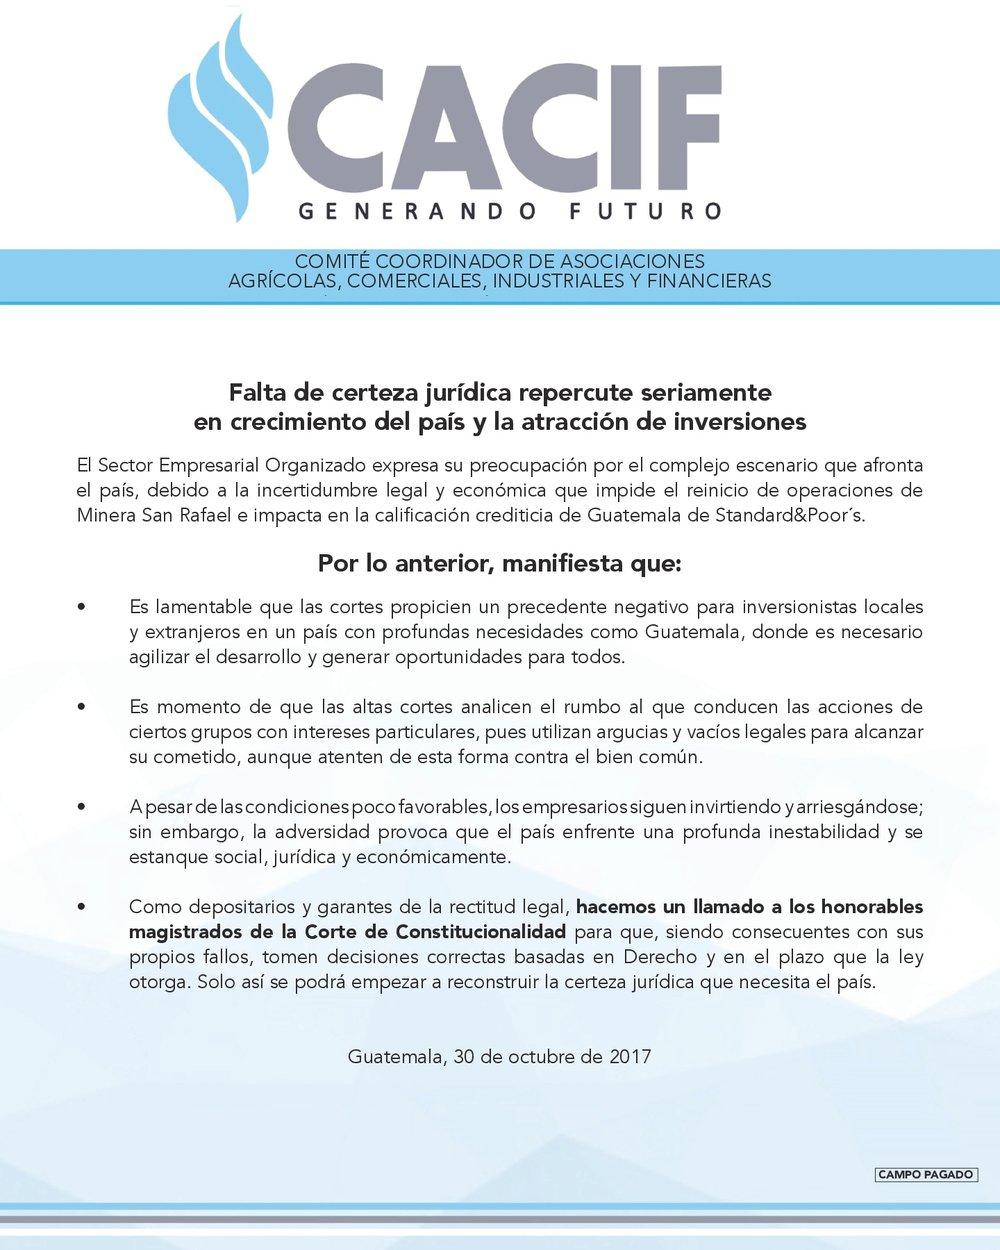 CACIF 6X8 (4)-001.jpg